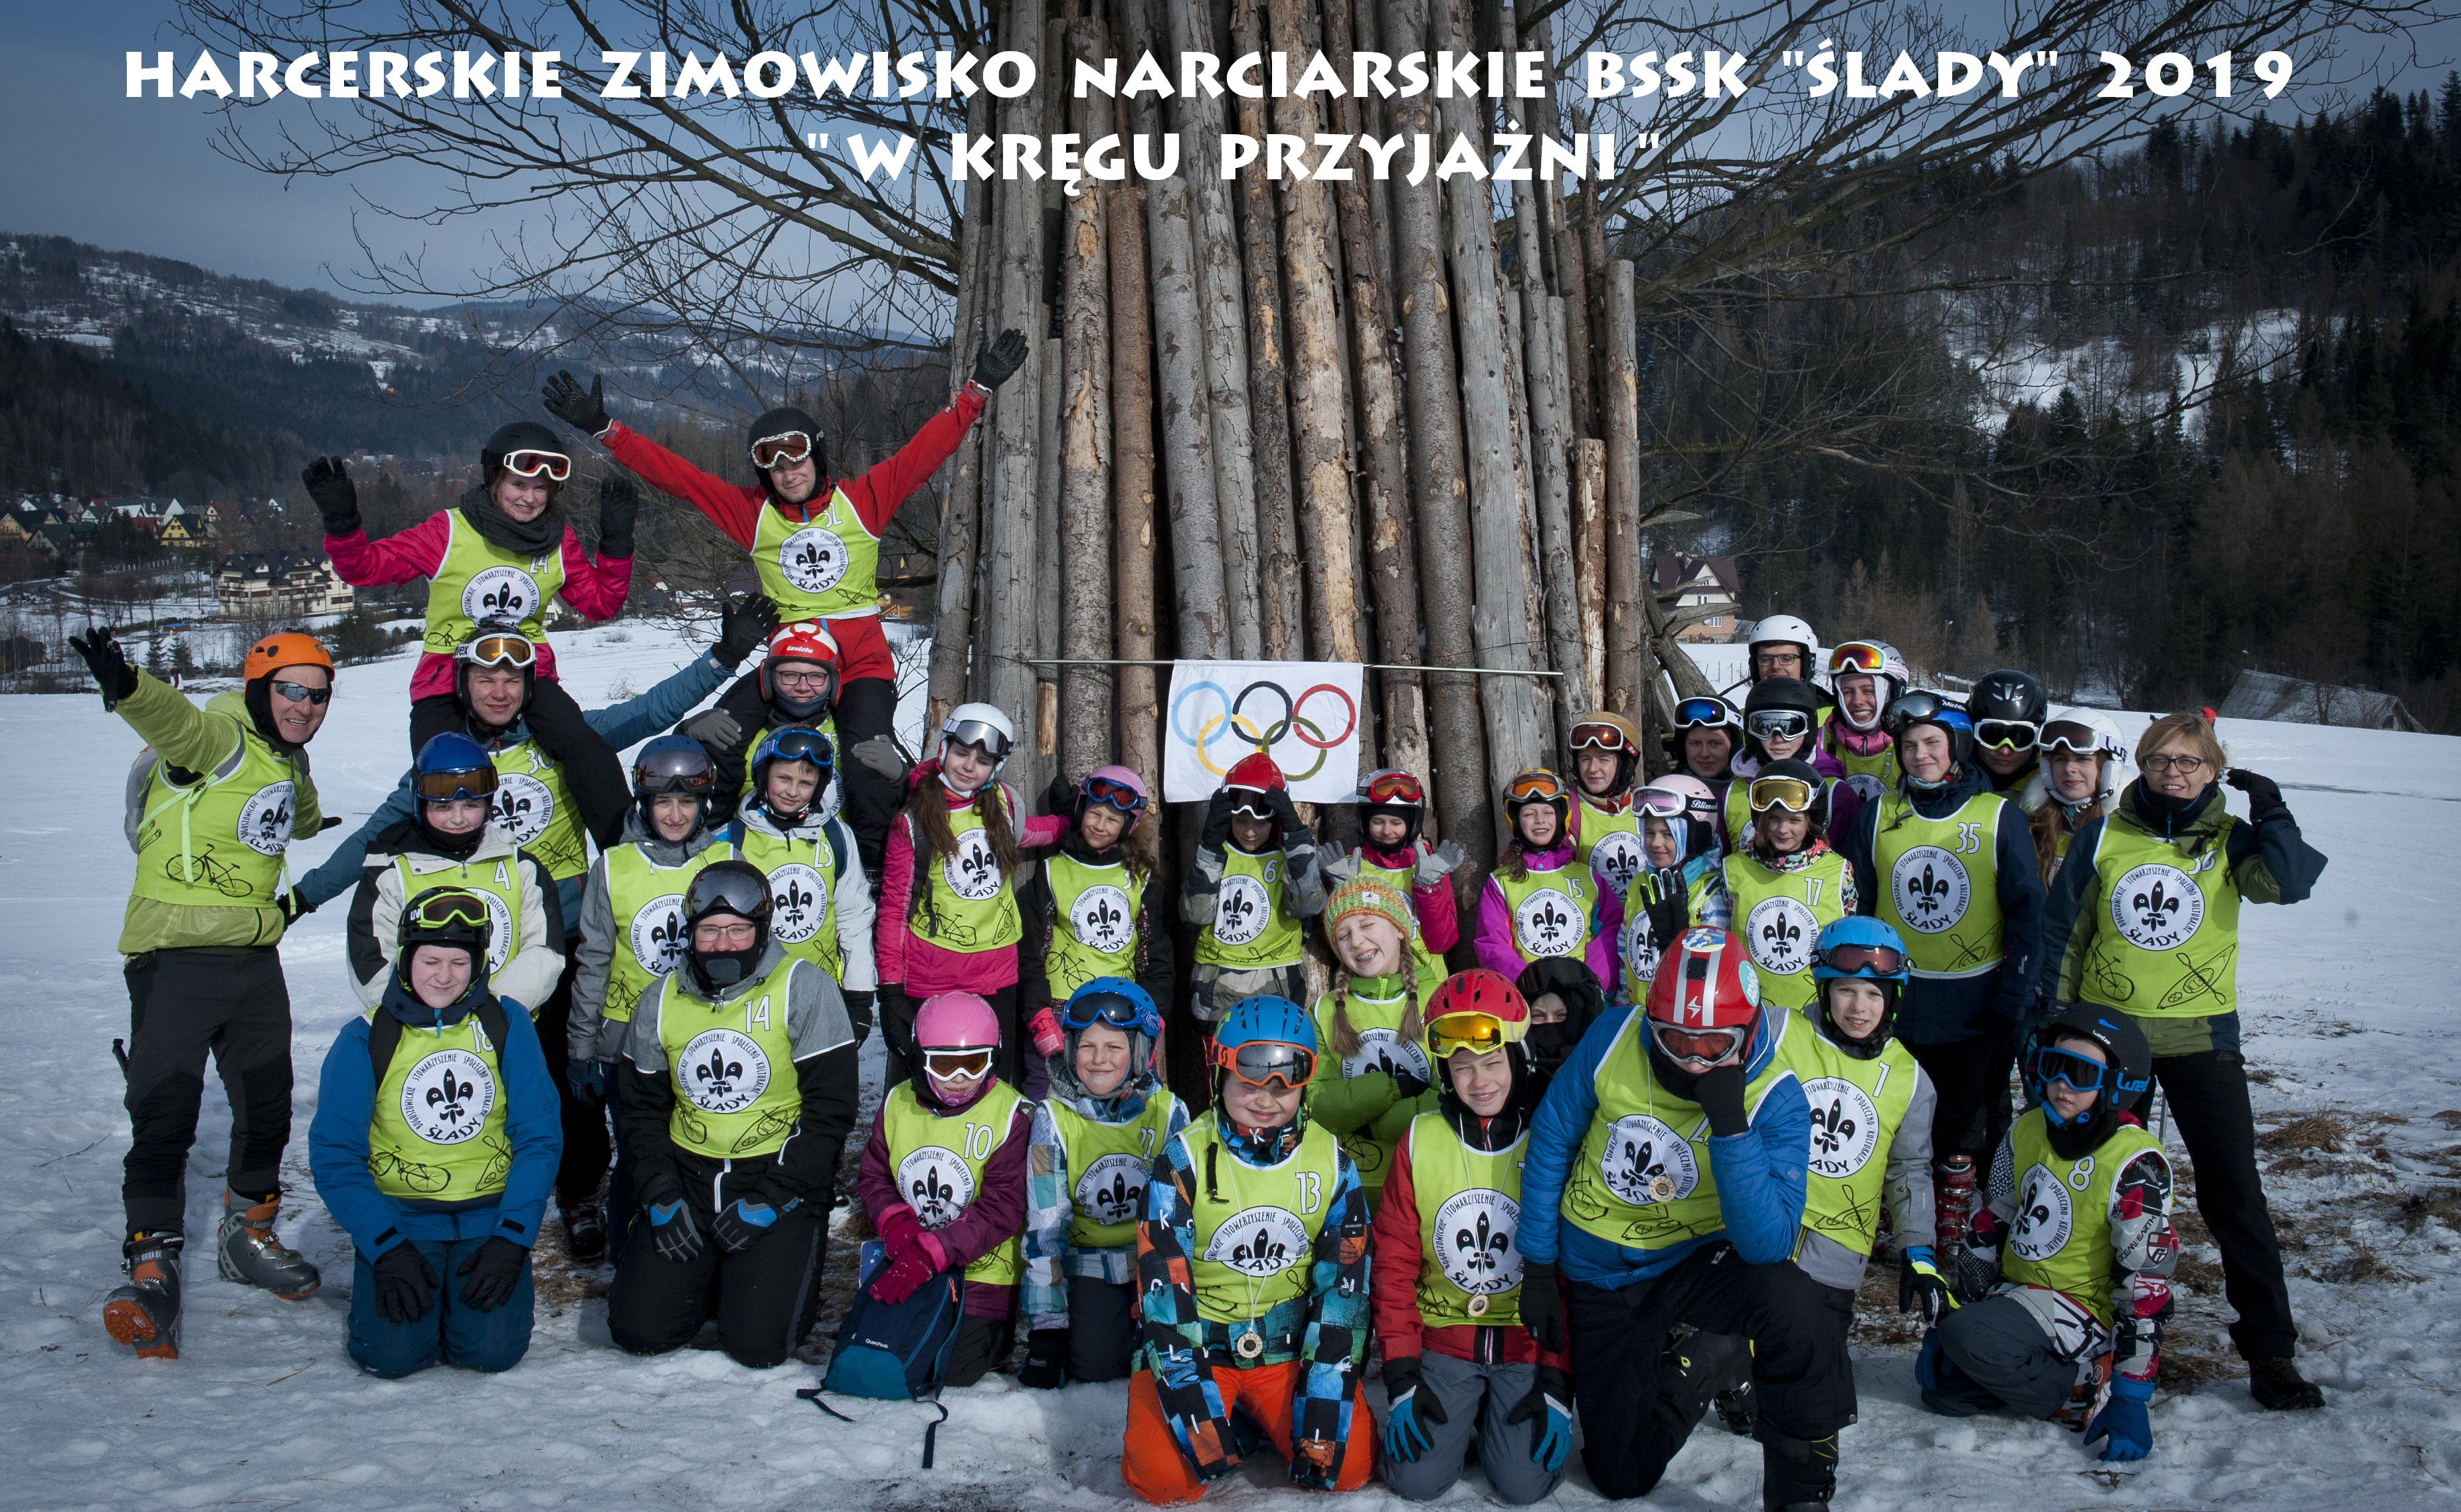 """Harcerskie Zimowisko Narciarskie BSSK """"Ślady"""" 2019"""